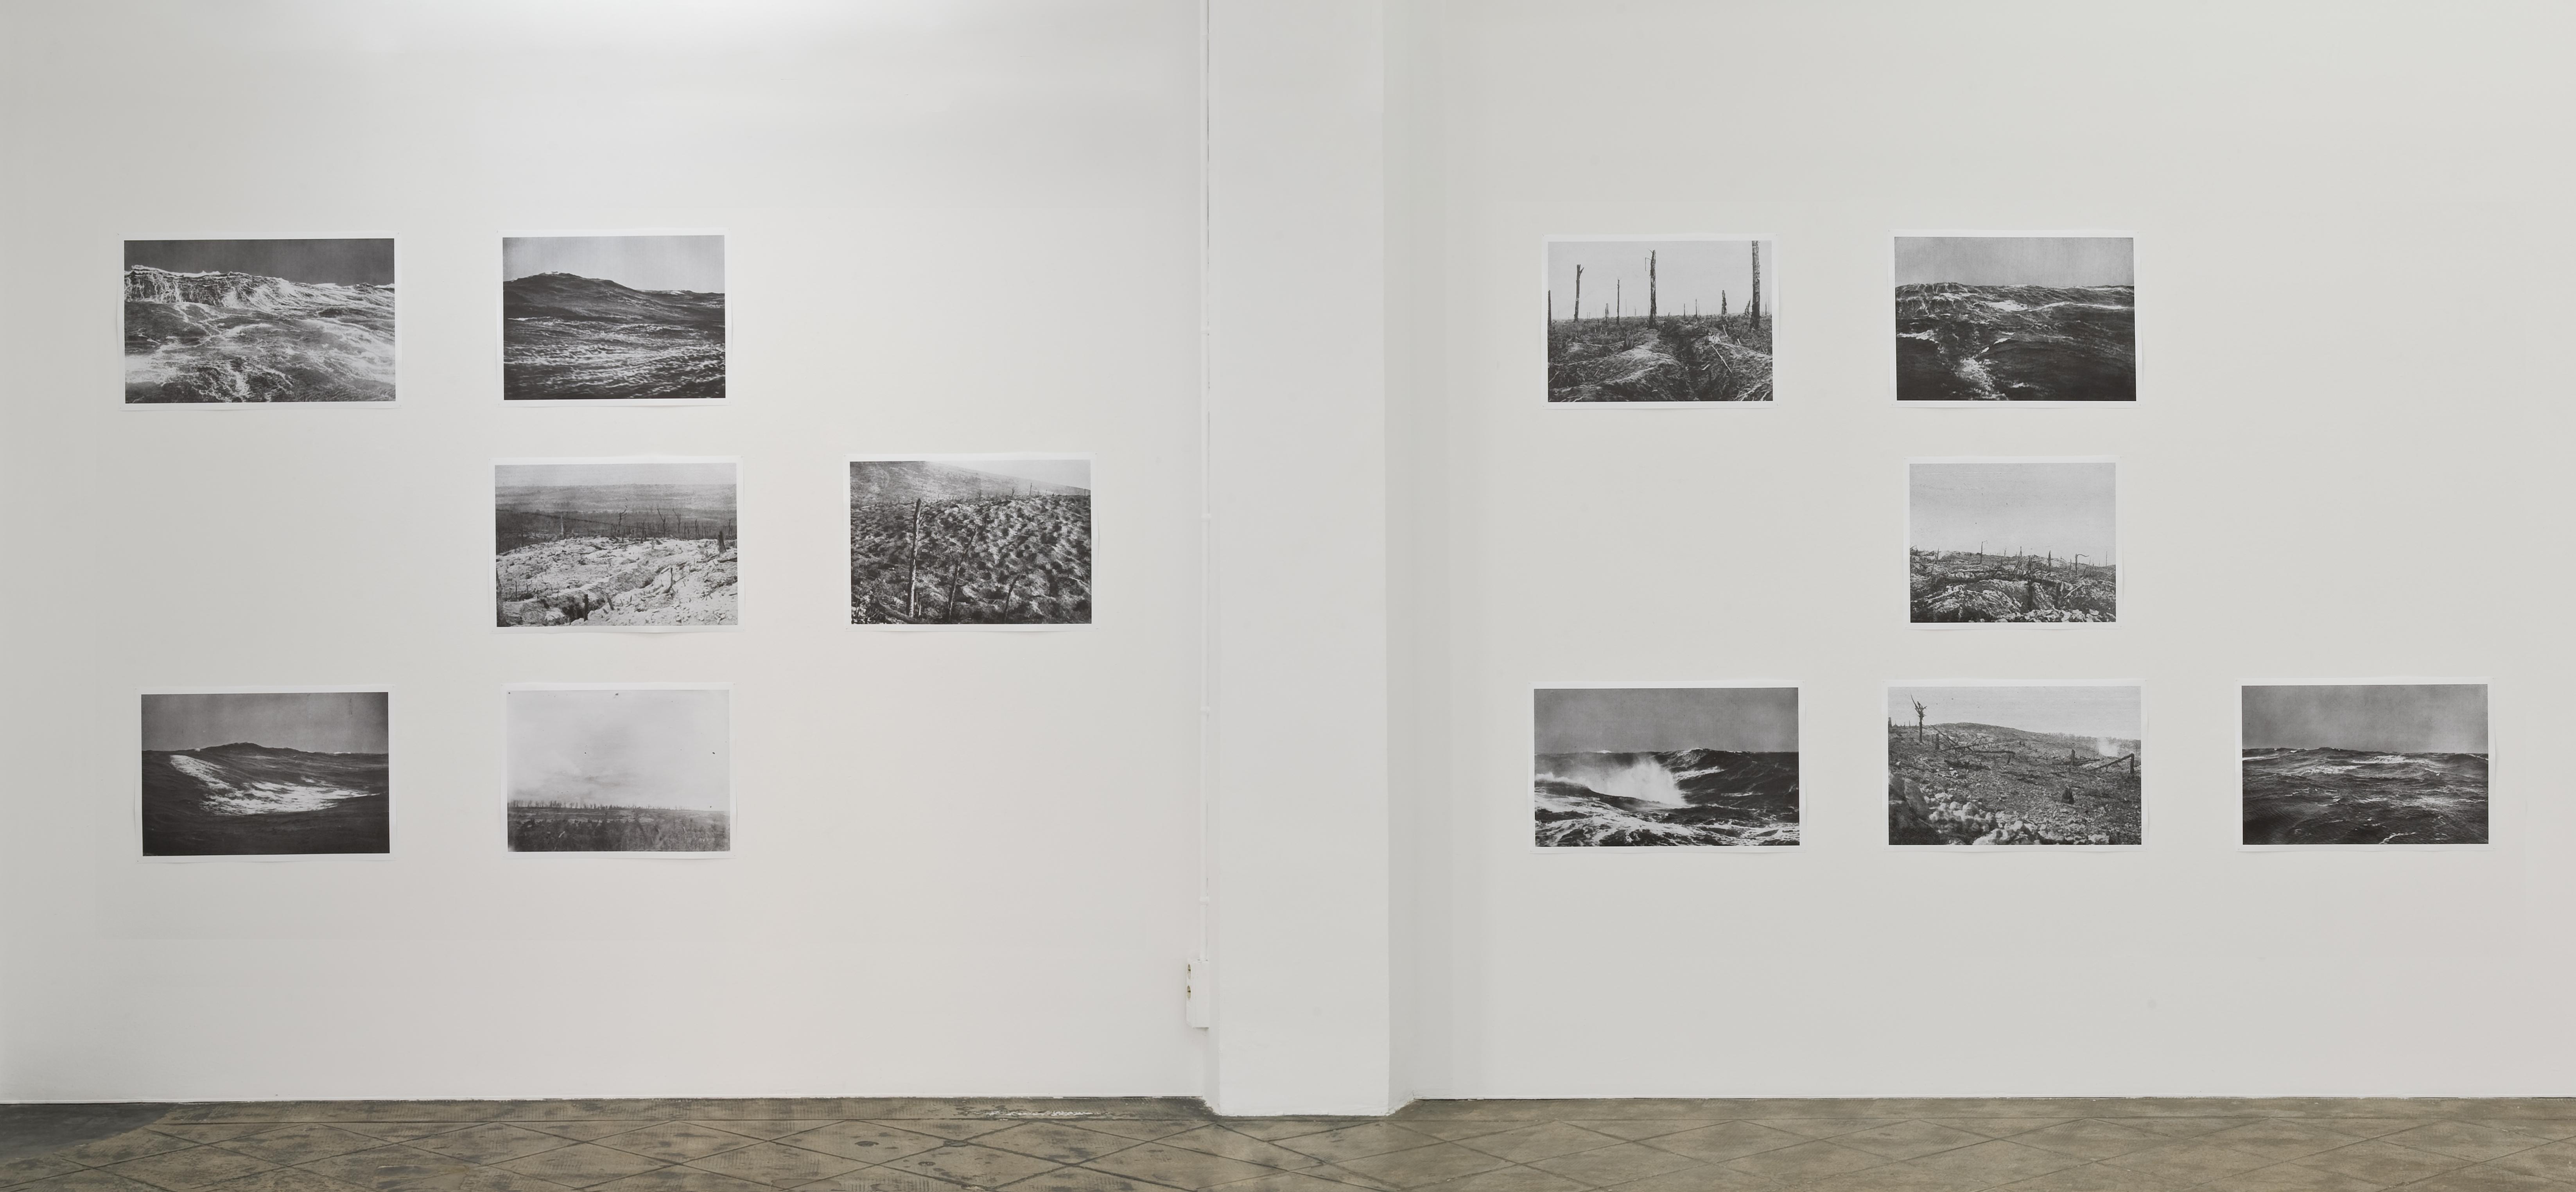 Installation view: Immer noch Sturm (Still Storming), ProjecteSD, Barcelona, 2012 |  | ProjecteSD